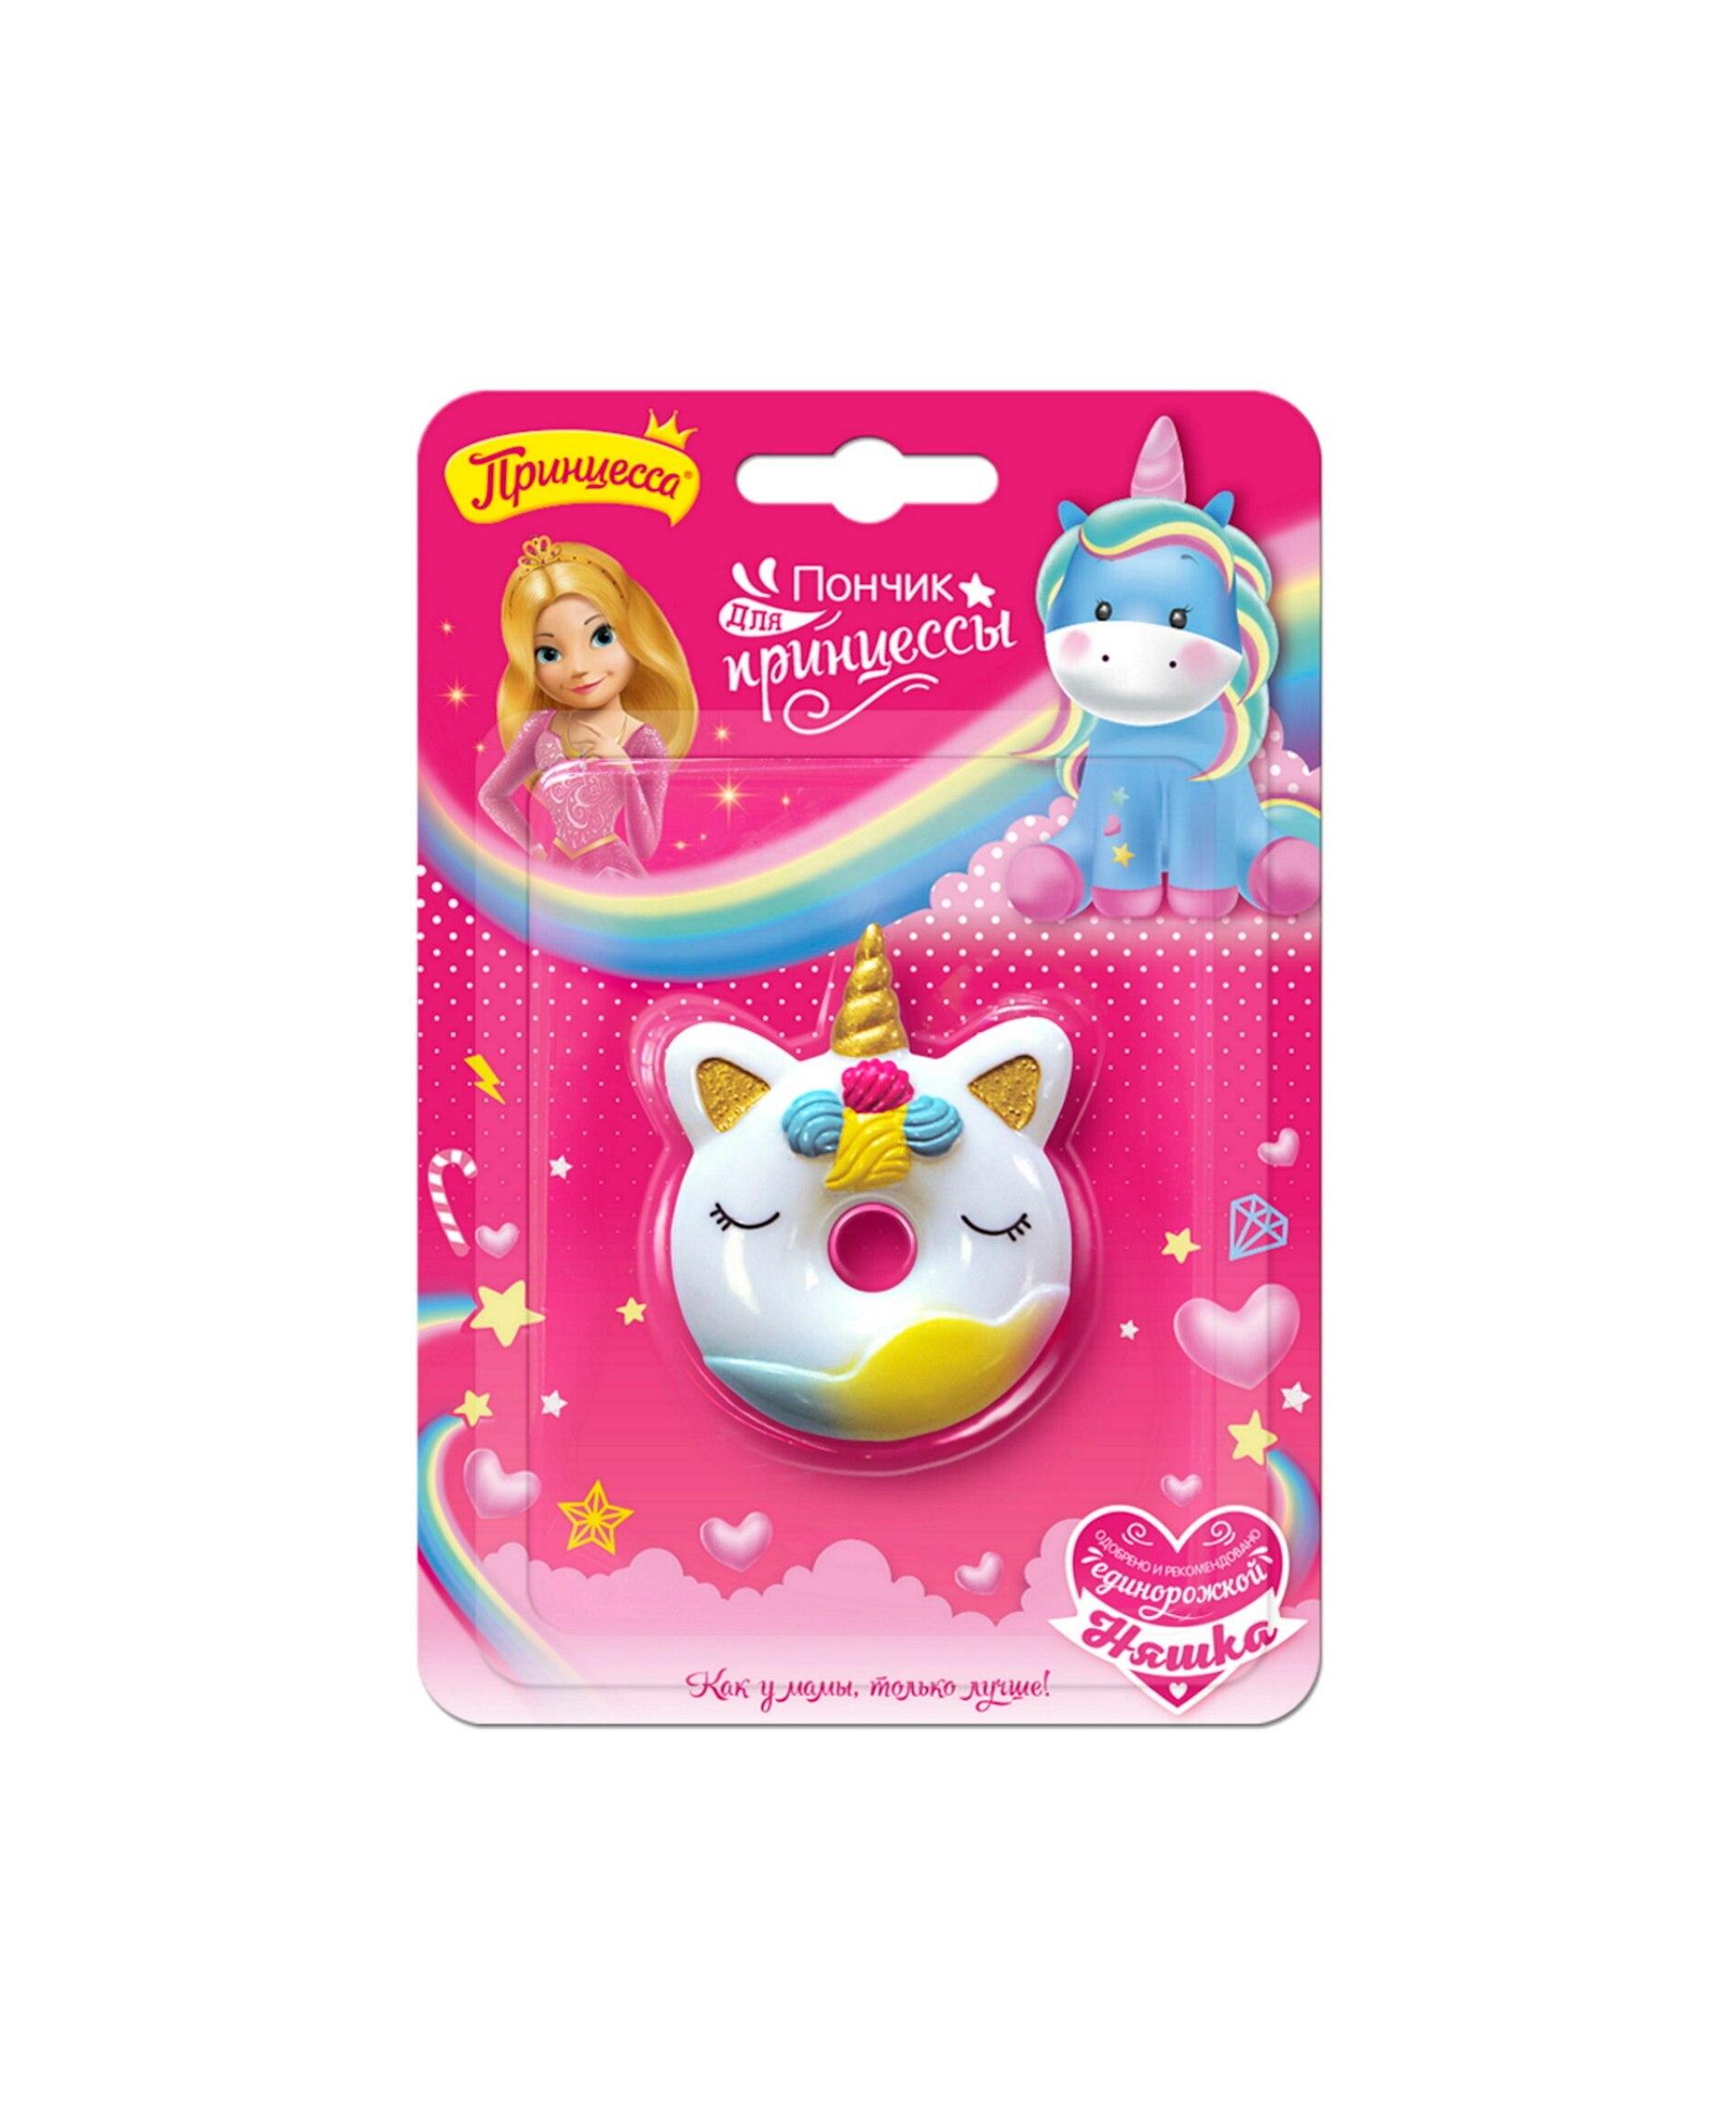 Набор для девочек декоративной косметики ПРИНЦЕССА Пончик для Принцессы 2,7 г